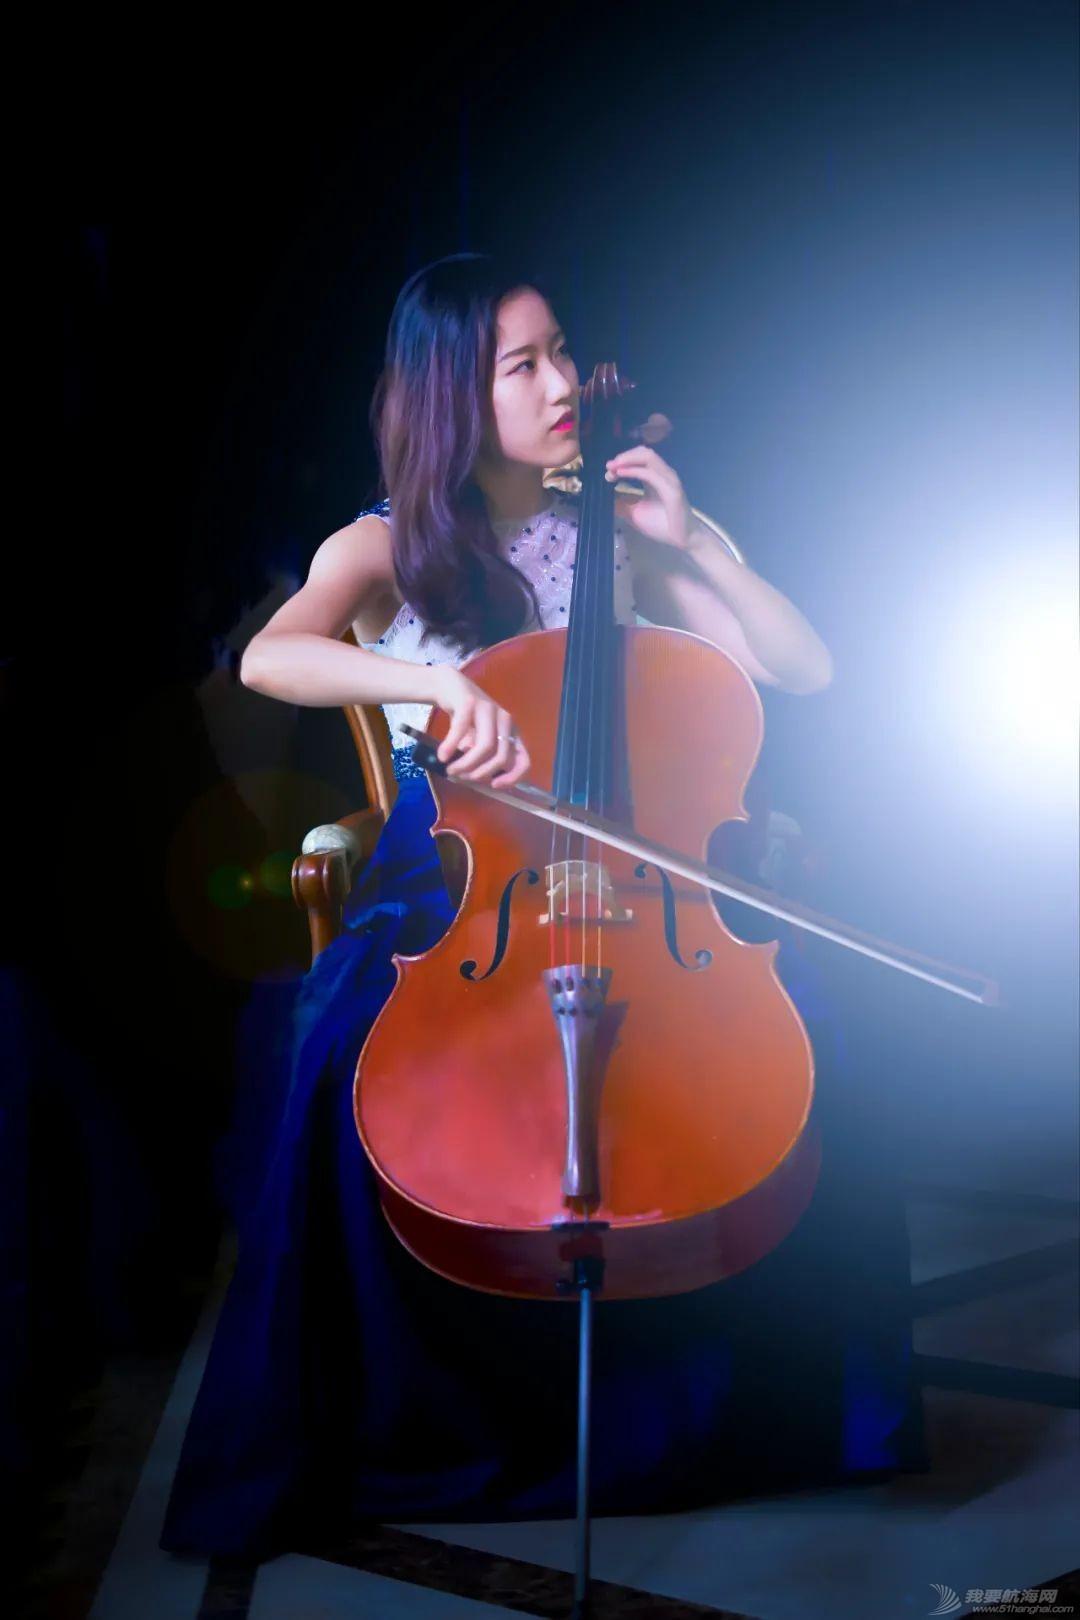 耶鲁大学美女船长、大提琴师:巴赫的夏天w4.jpg